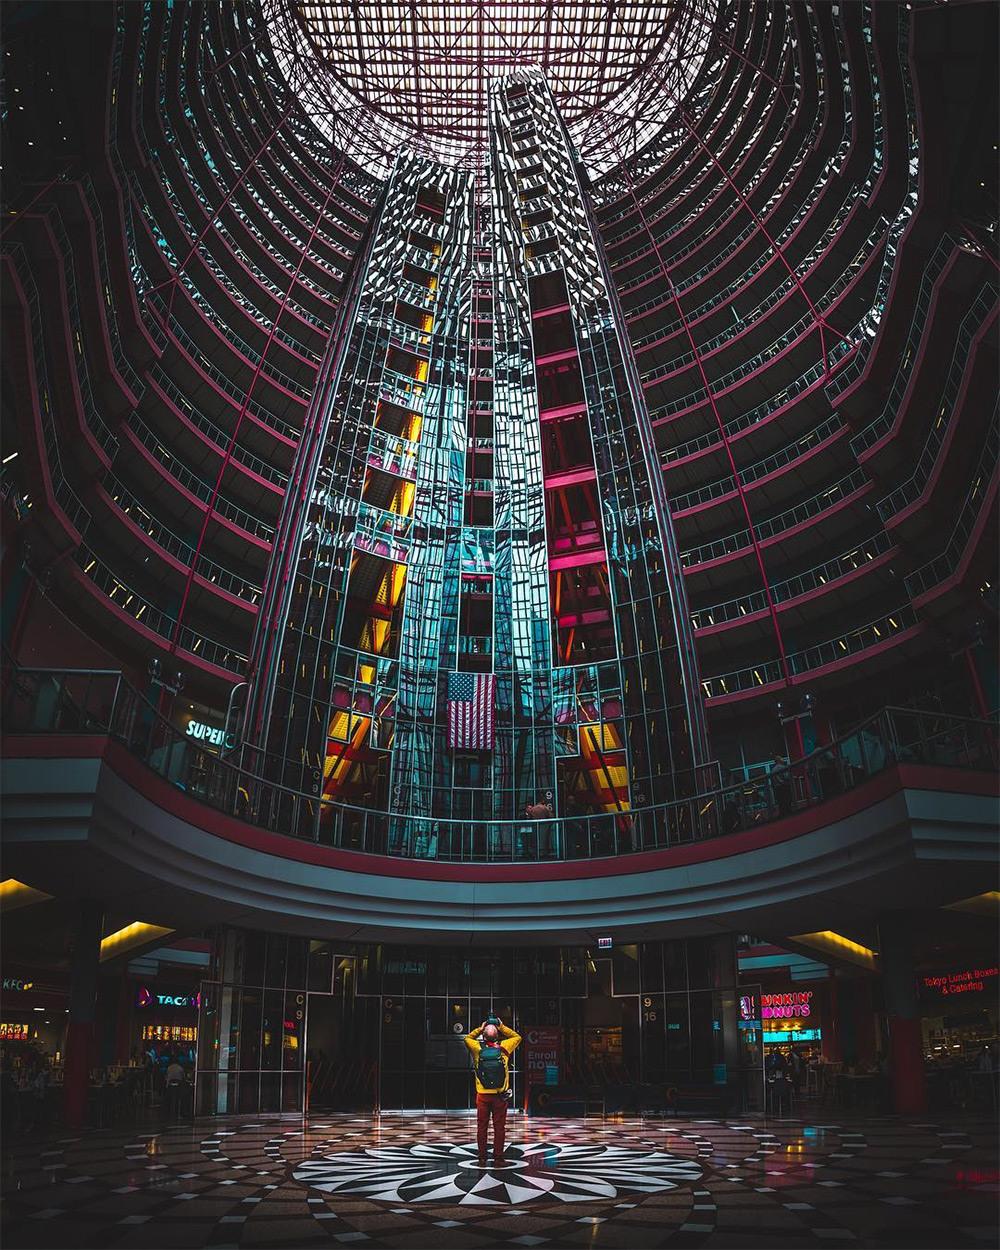 Chikago-fotograf-Mayk-Meyers_2